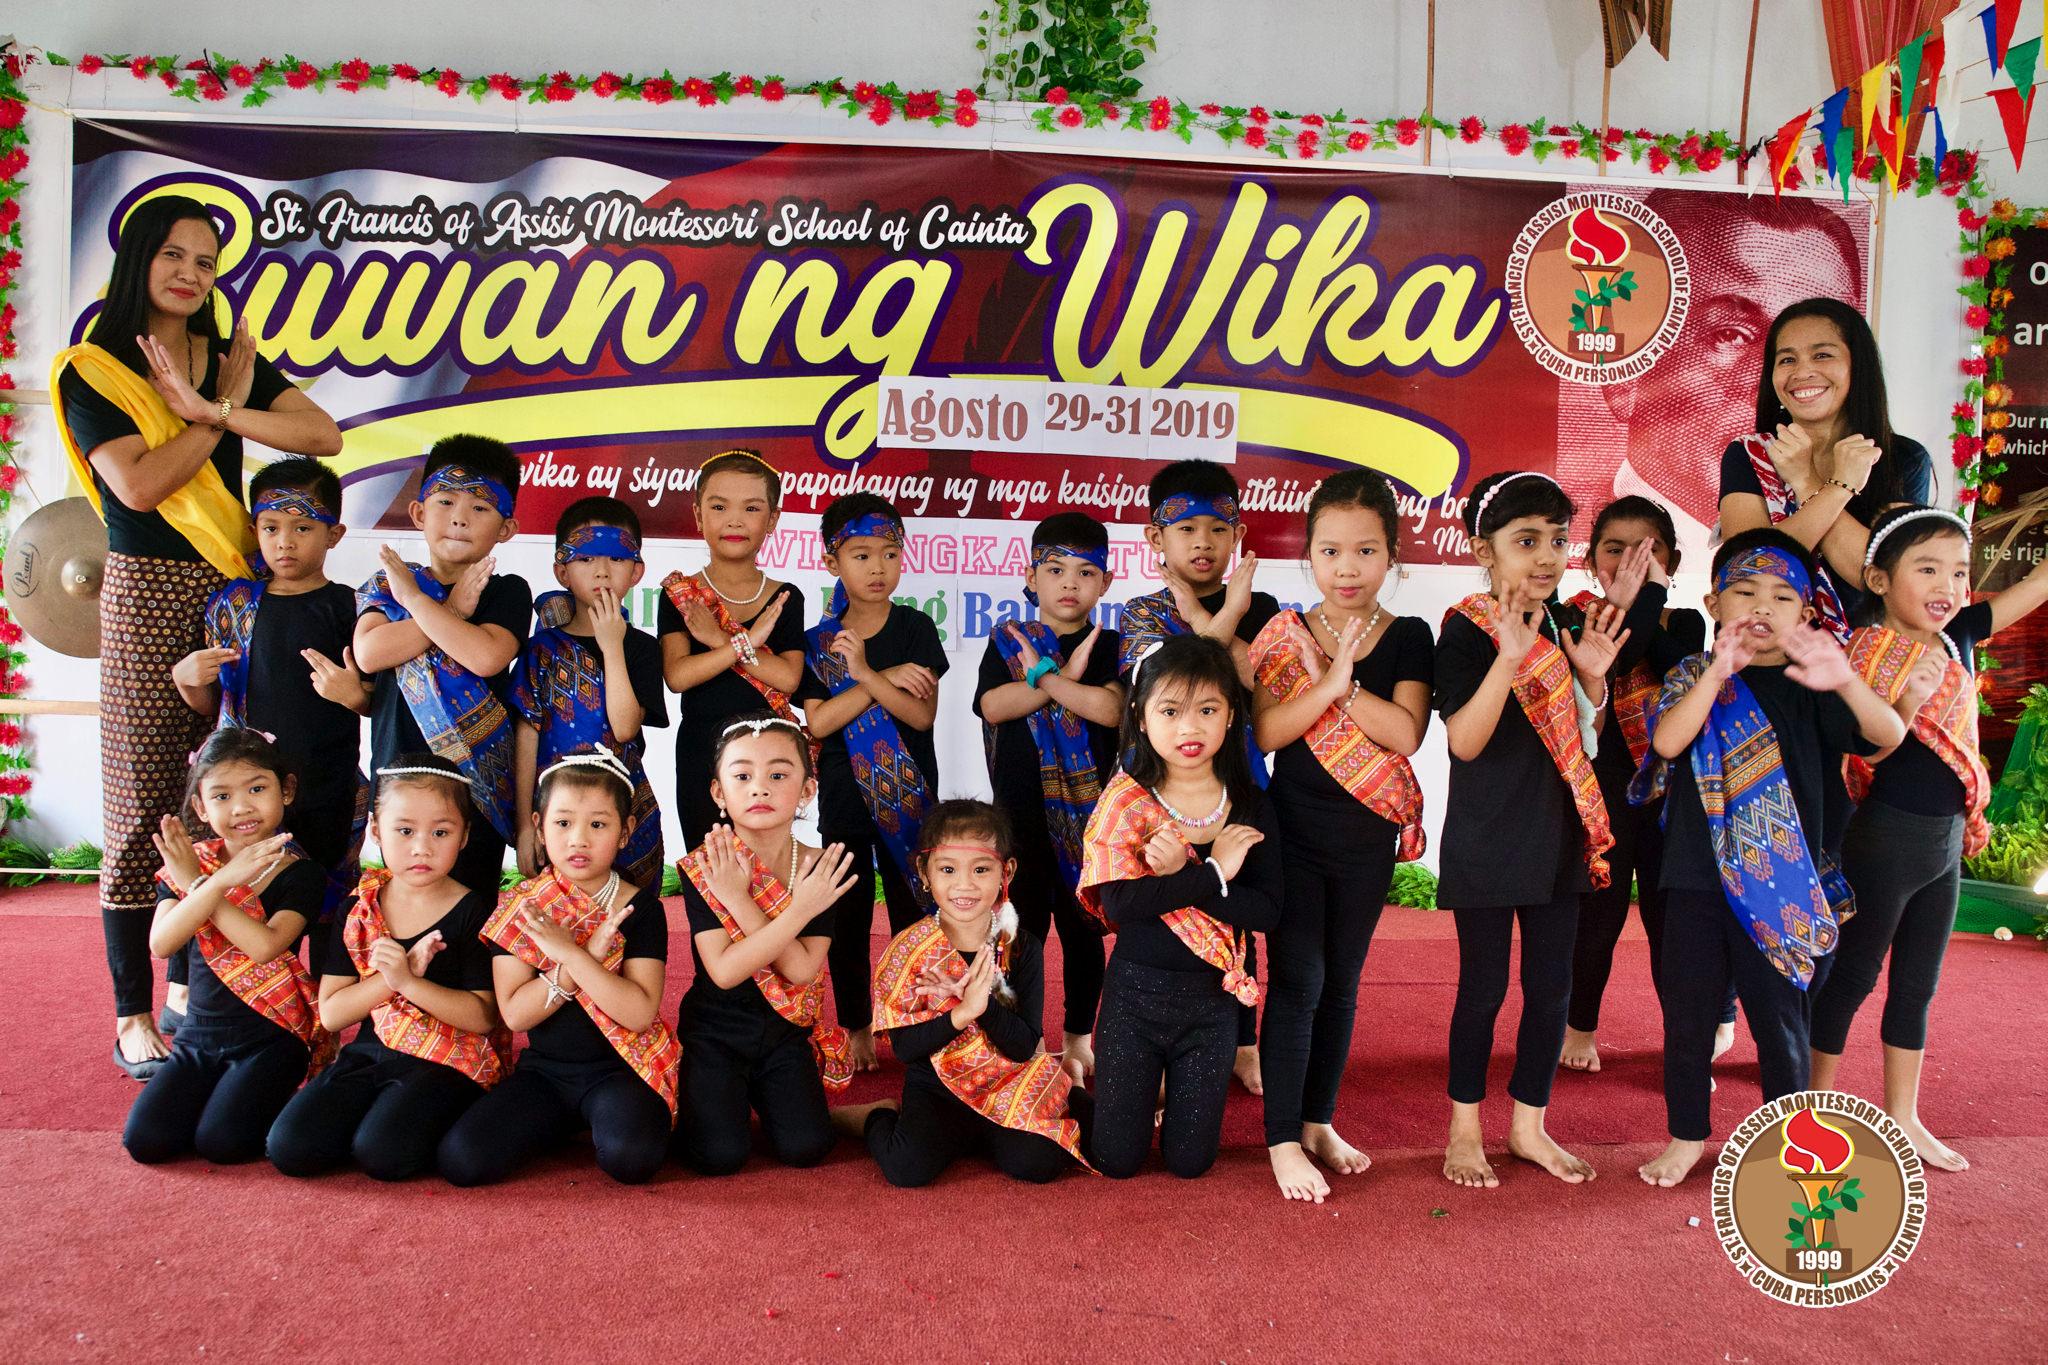 buwanngwika2019preschool084.jpg